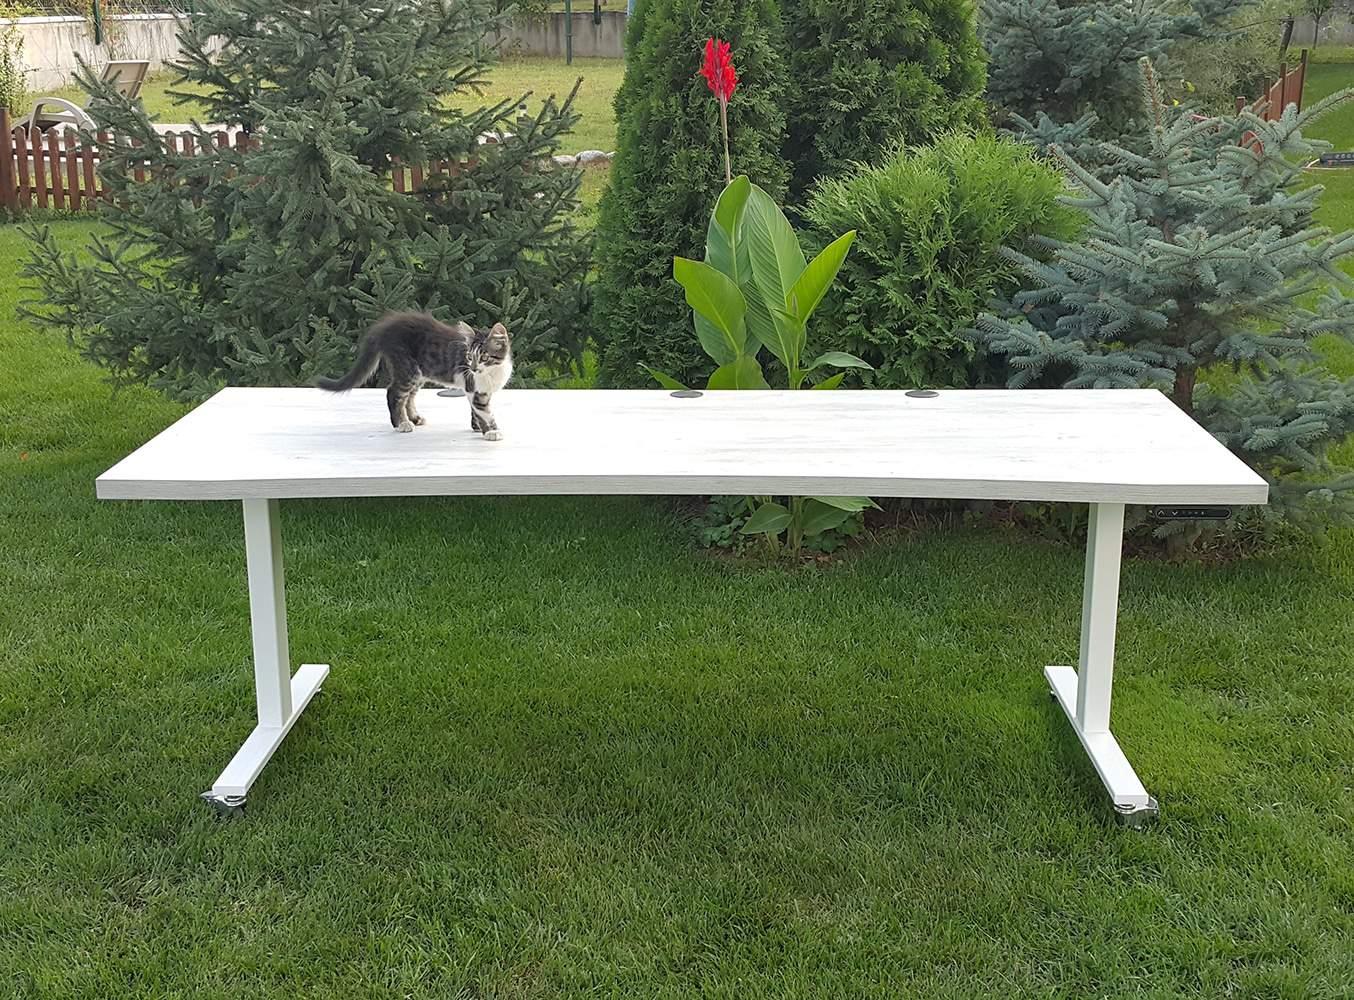 2 metres Height adjustable desk BulDesk Pro with cat on worktop